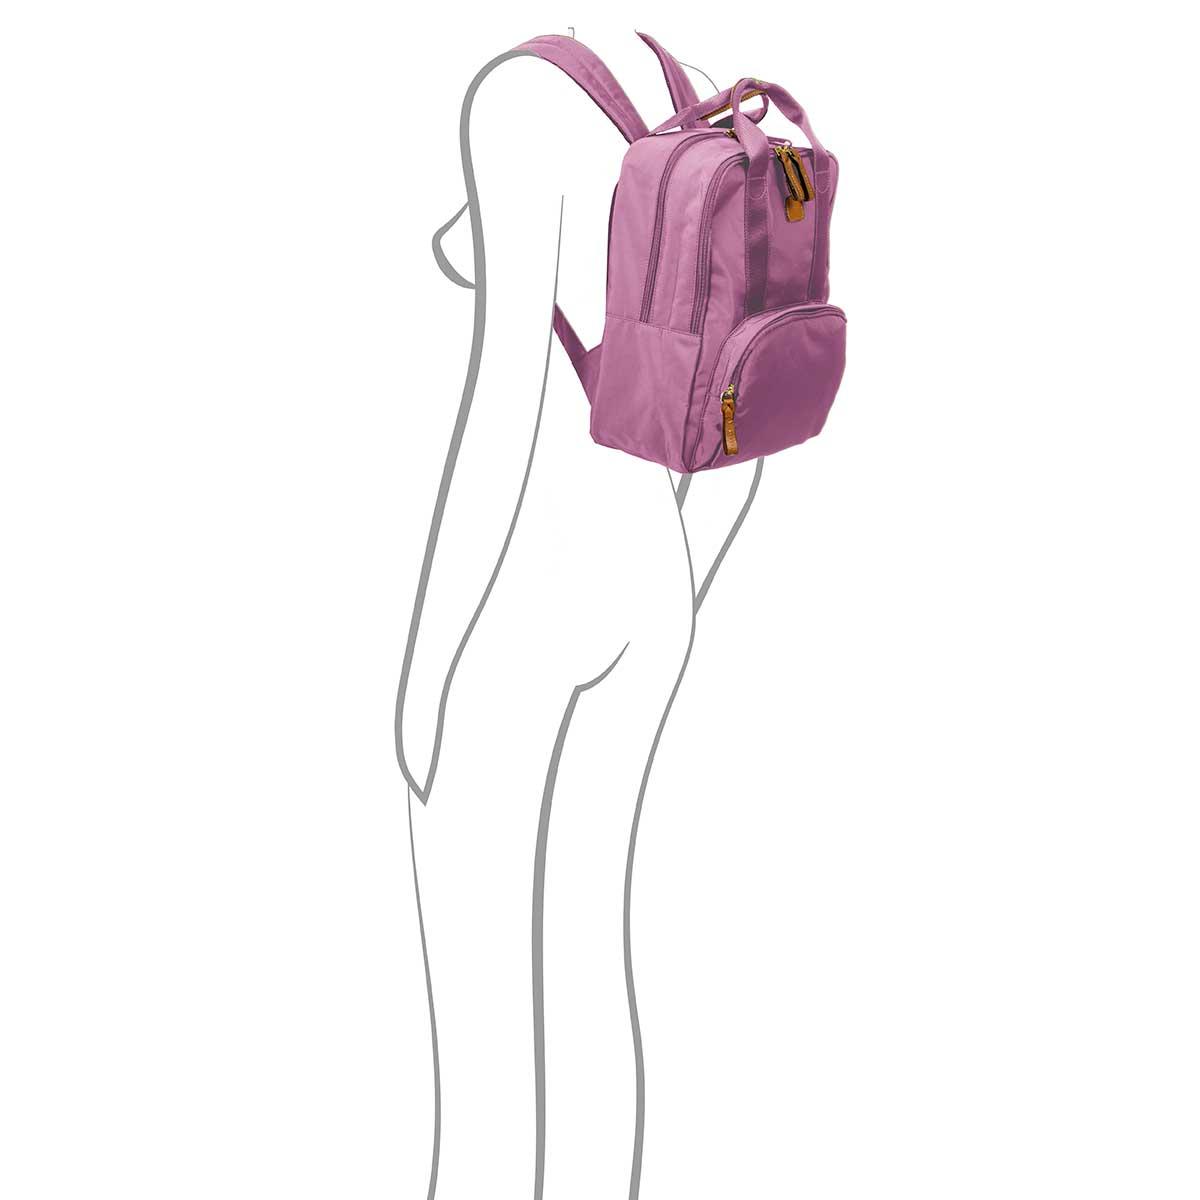 X-Bag Urban Backpack - Wisteria   Brics store luggage